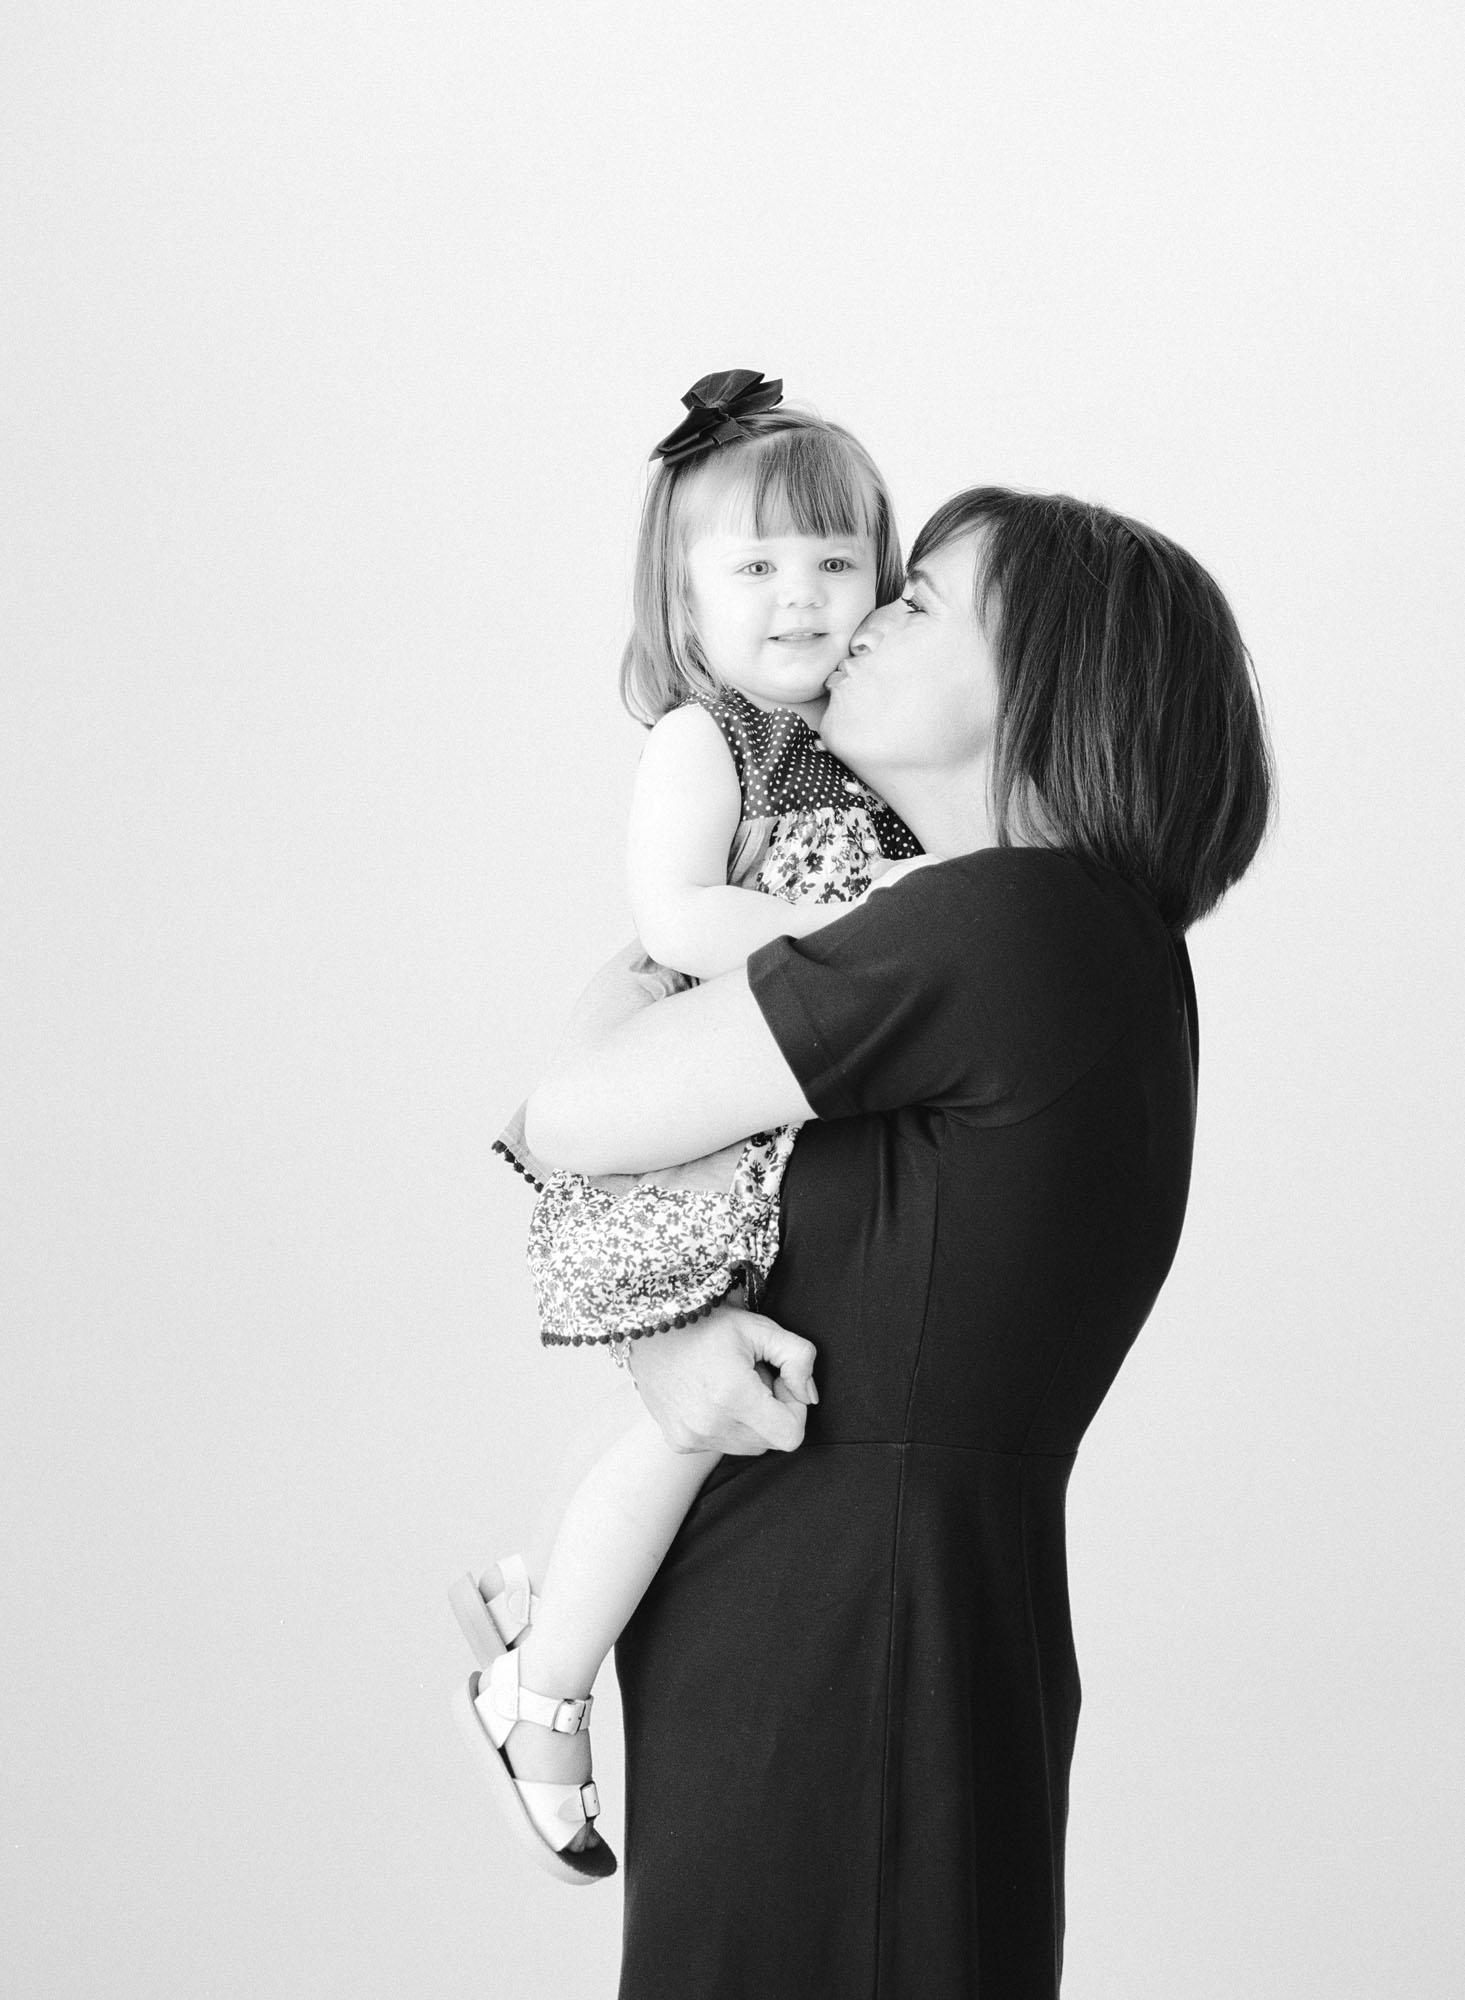 family-photographer-raleigh-nc-motherhood-portraits-011